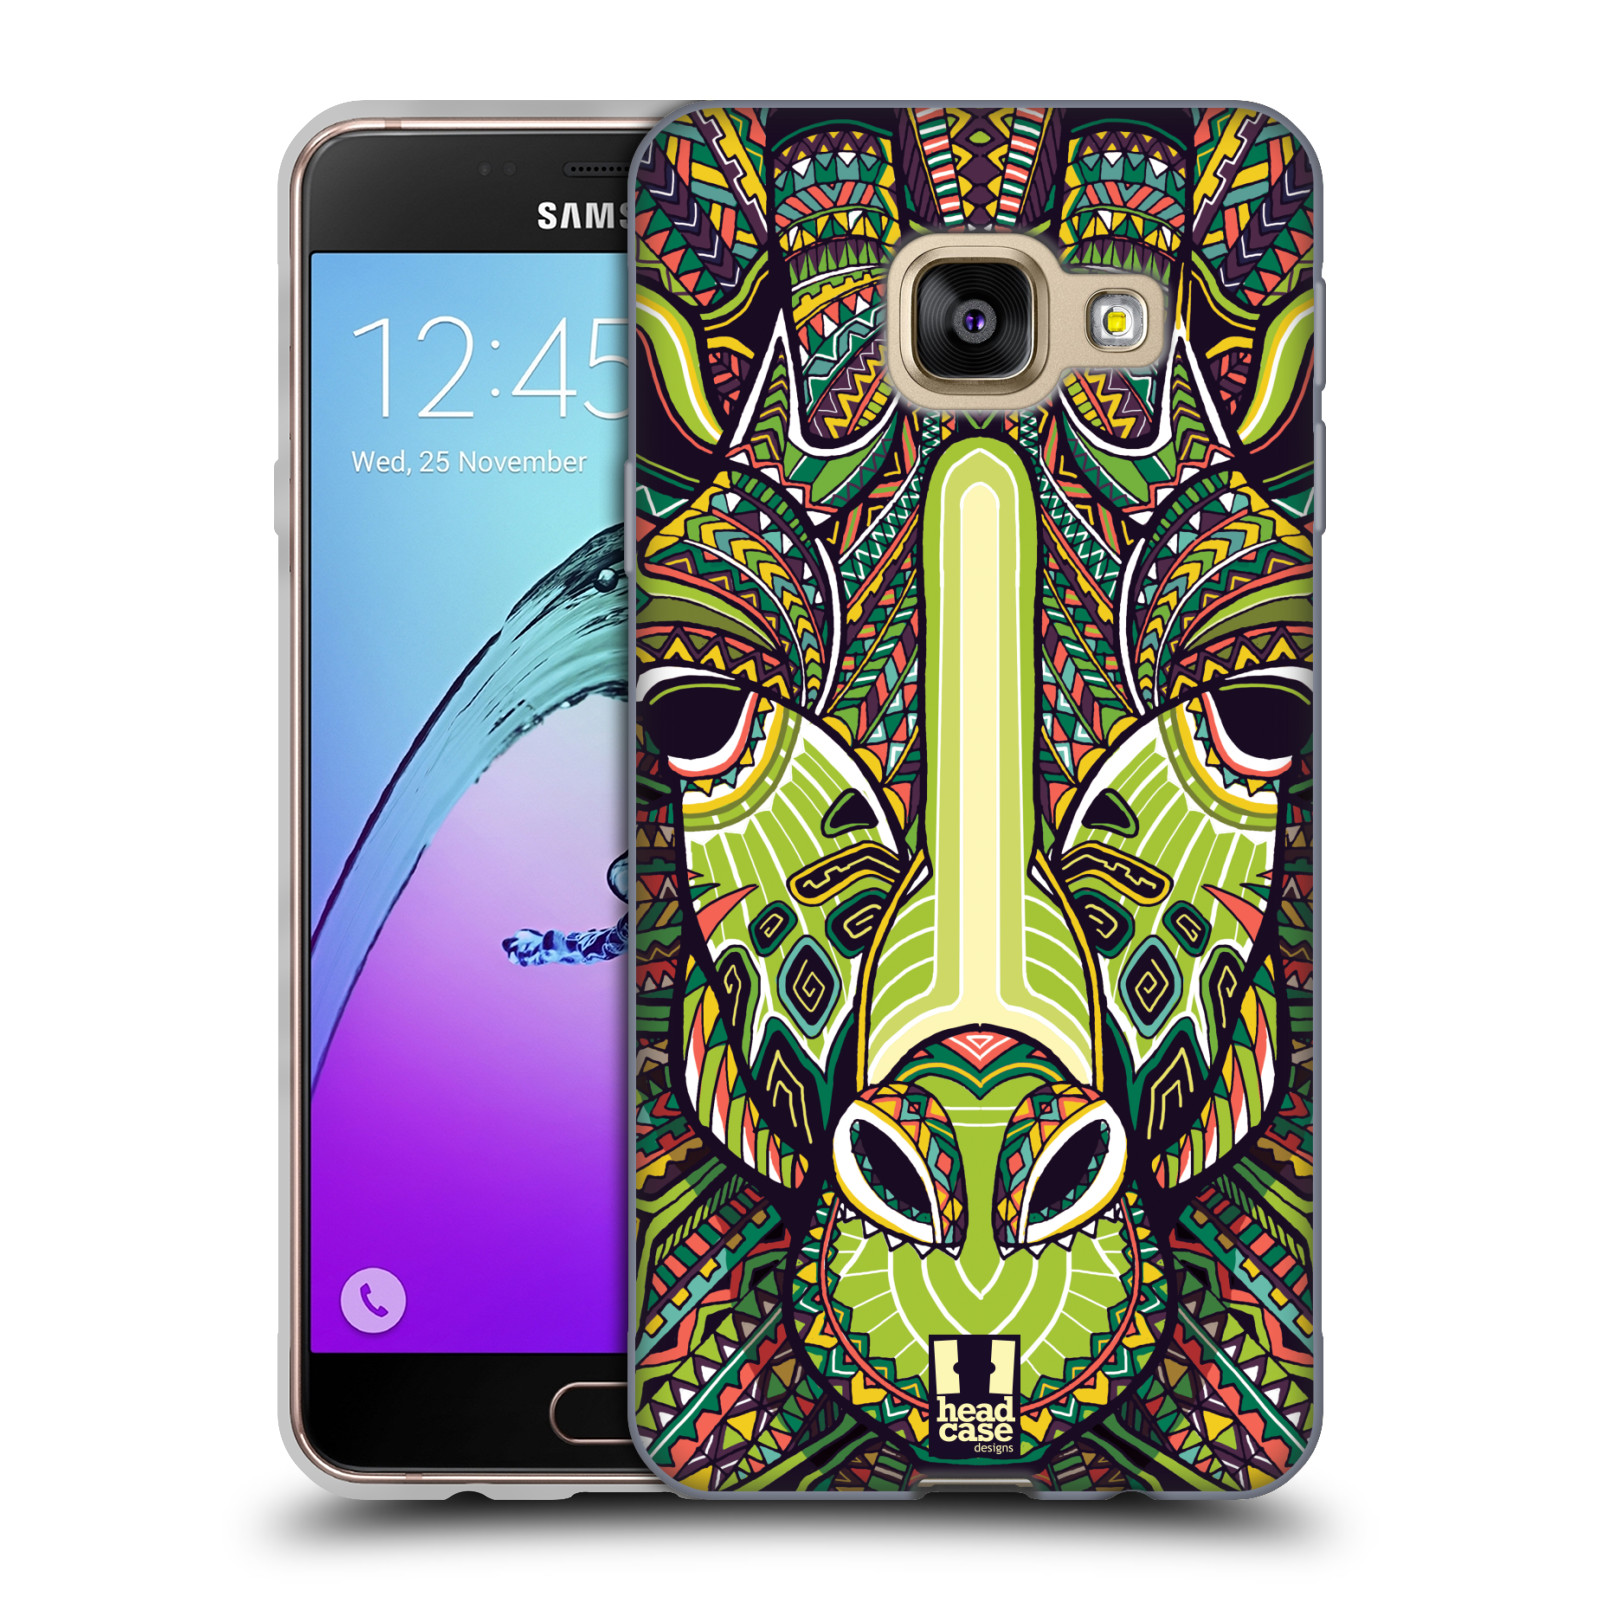 Silikonové pouzdro na mobil Samsung Galaxy A3 (2016) HEAD CASE AZTEC ŽIRAFA